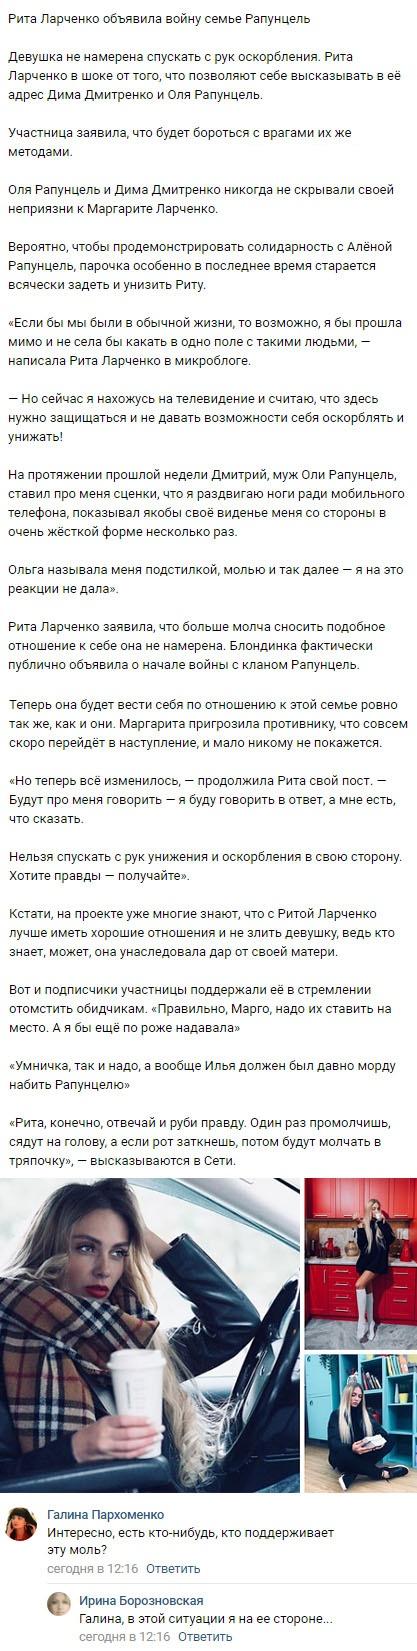 Маргарита Ларченко объявила войну всему клану Рапунцелей